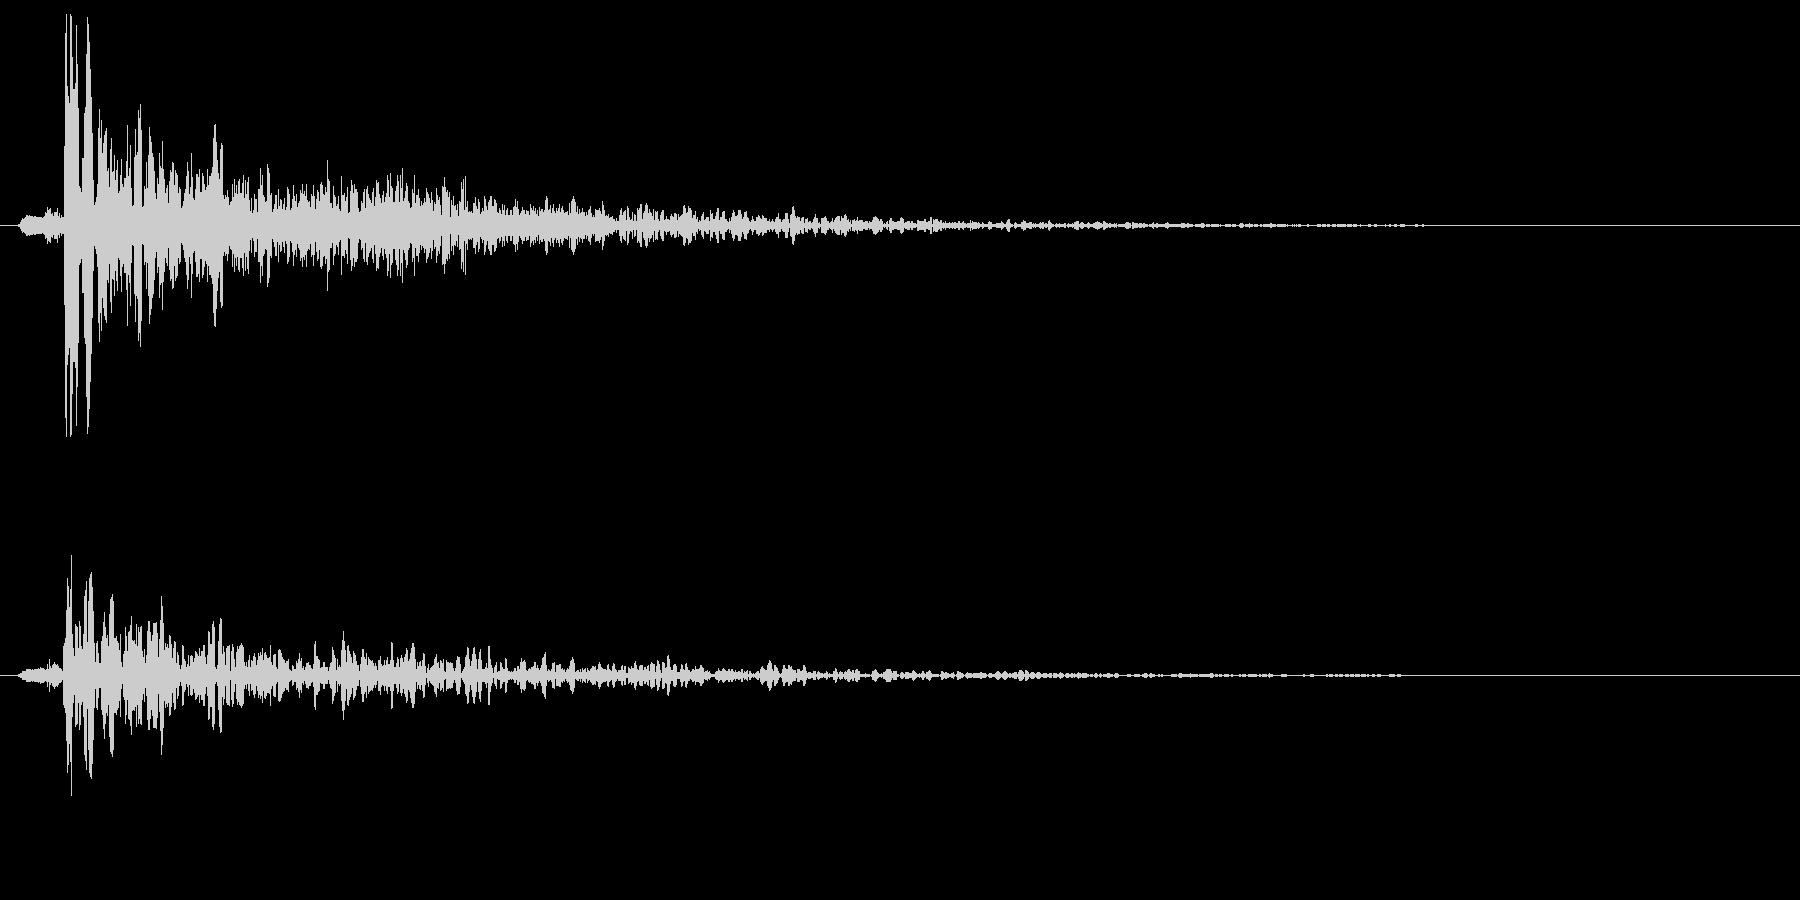 ボォン(未来武器の攻撃時の狙撃音)の未再生の波形